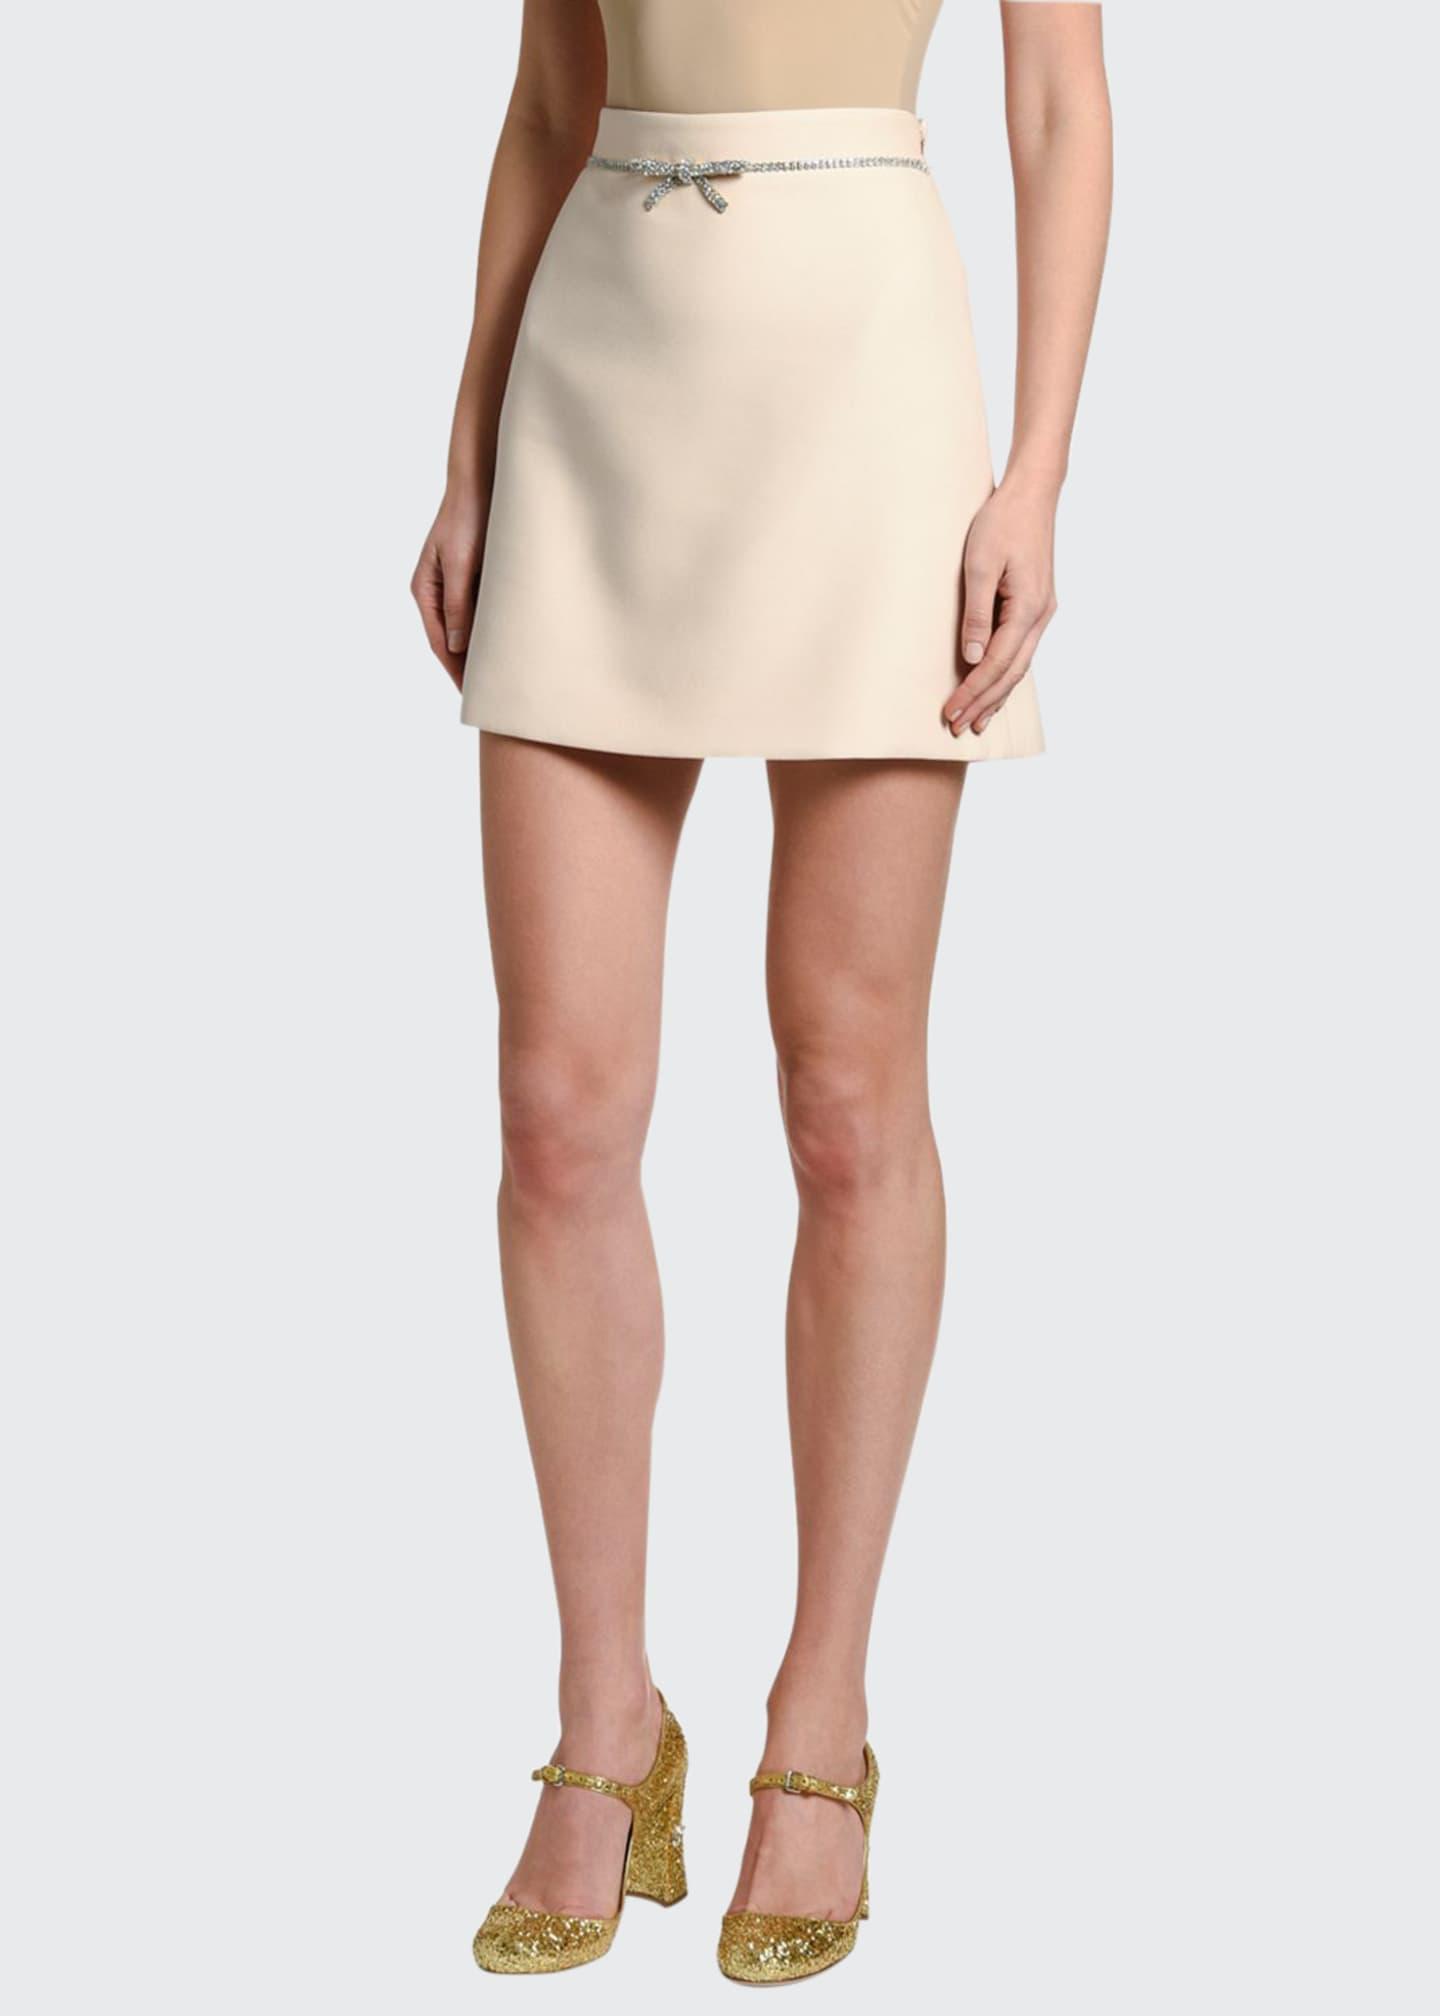 Miu Miu Cady Mini Skirt w/ Crystal Bow